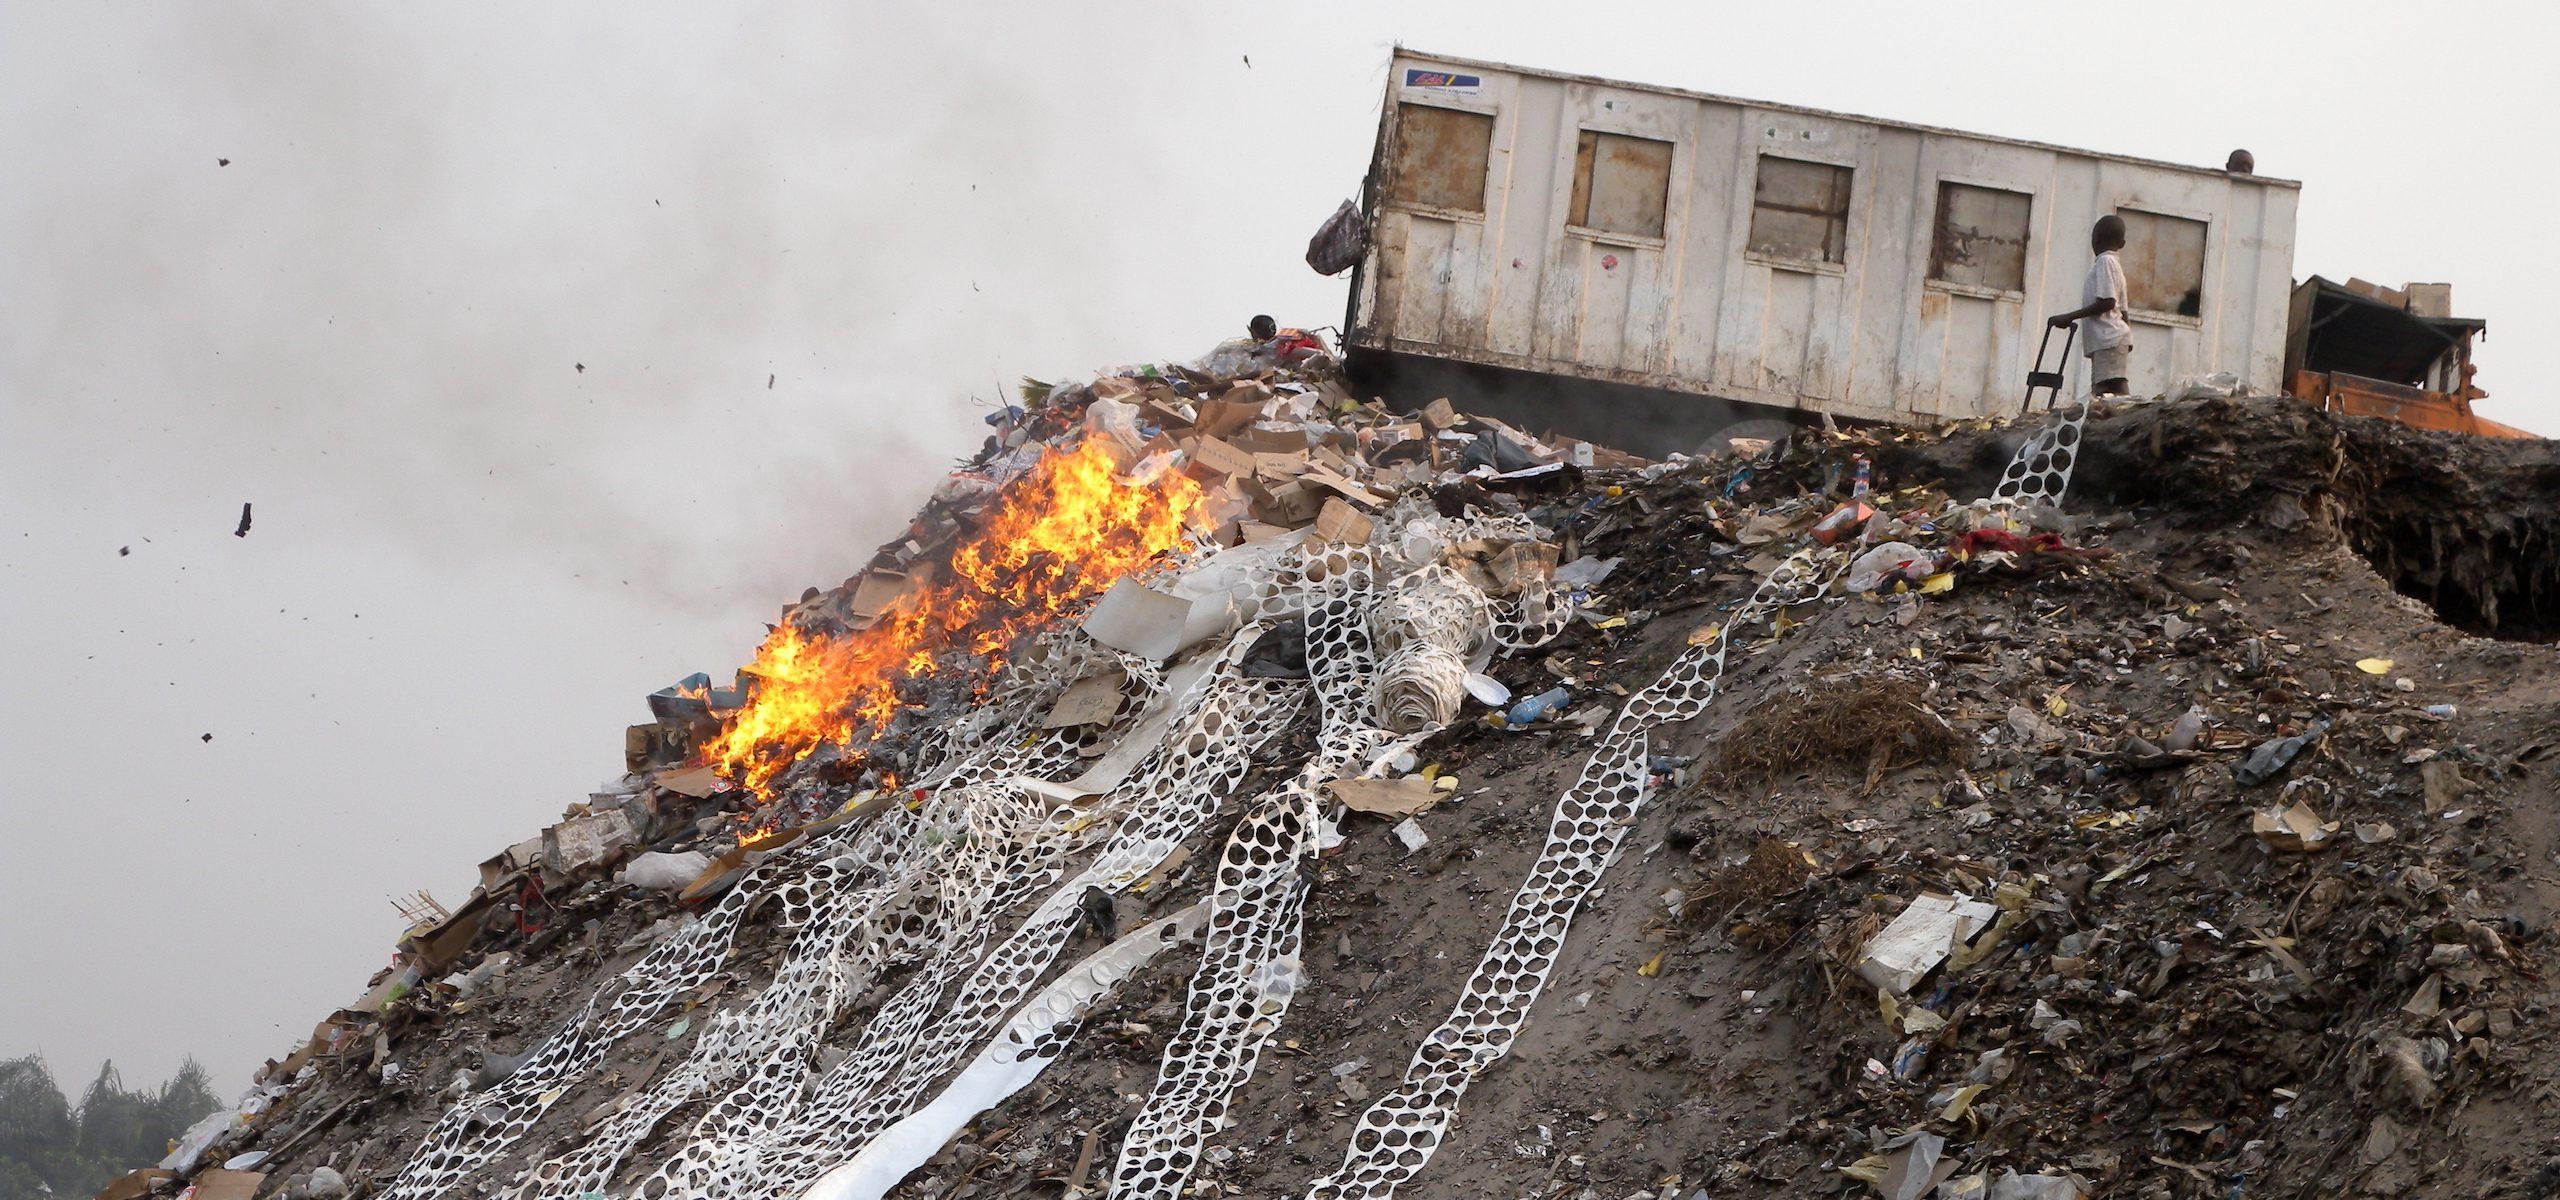 Debris & Waste